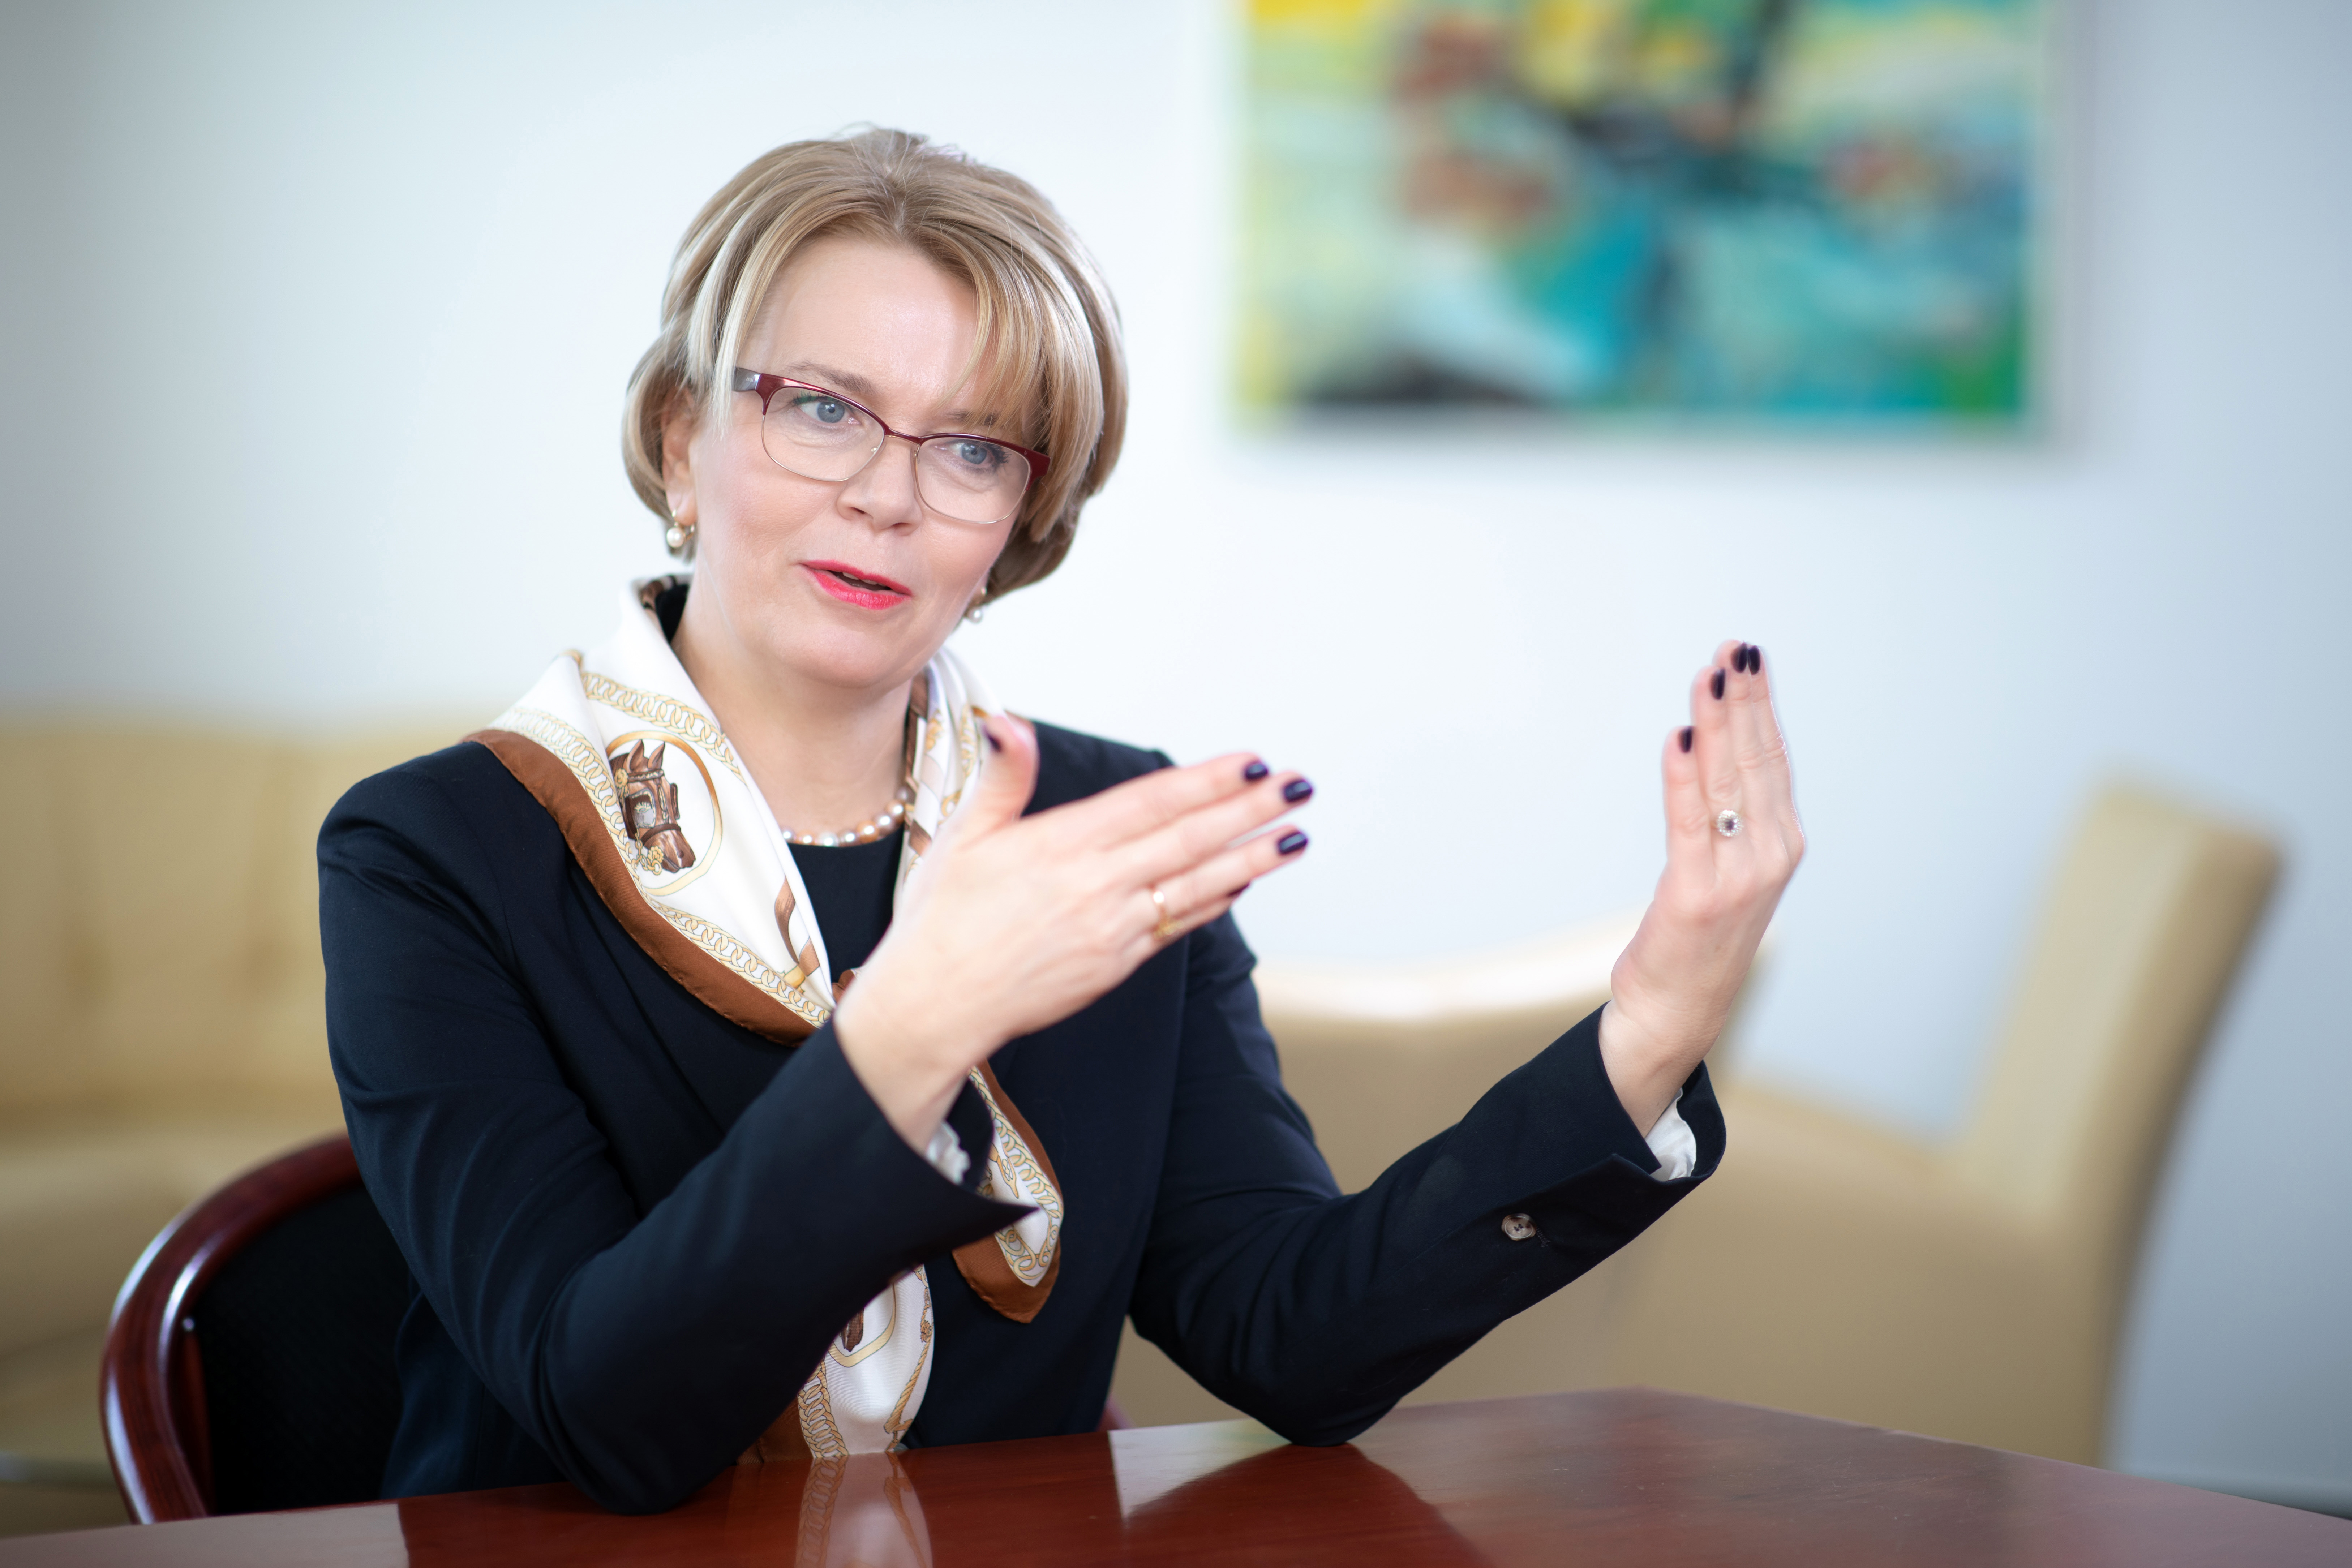 Búza Éva, a Garantiqa Hitelgarancia vezérigazgatója